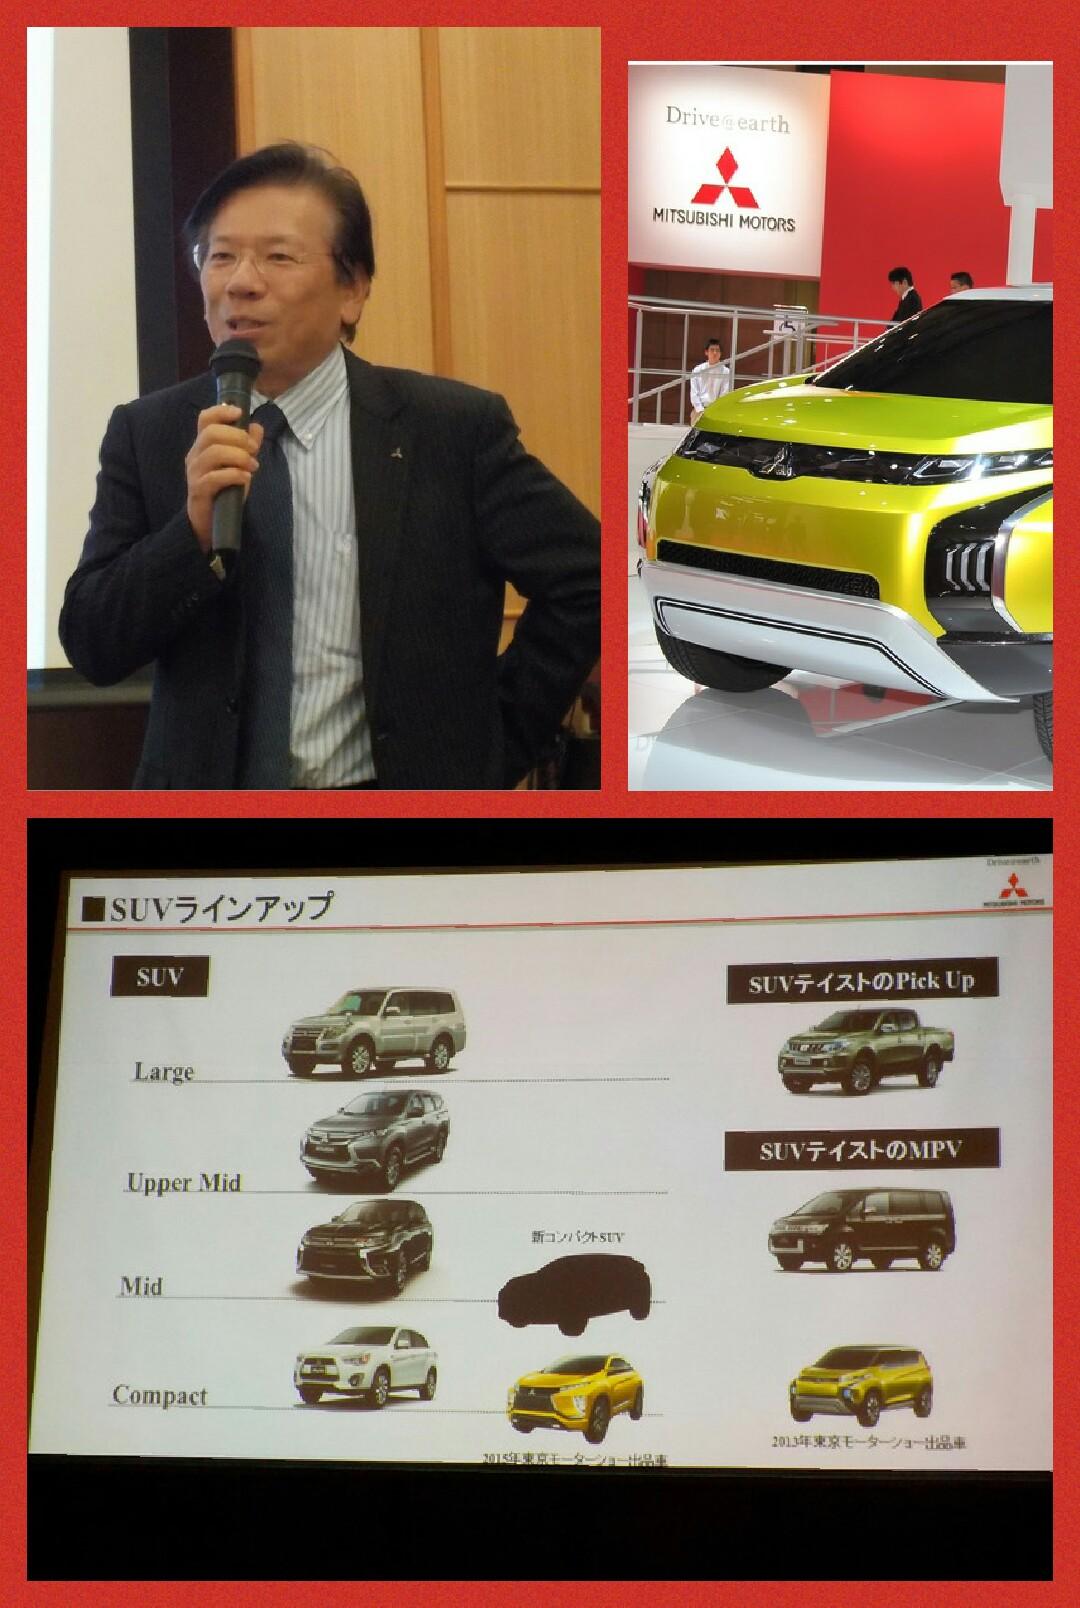 三菱 次世代SUV ラインナップ計画 2016